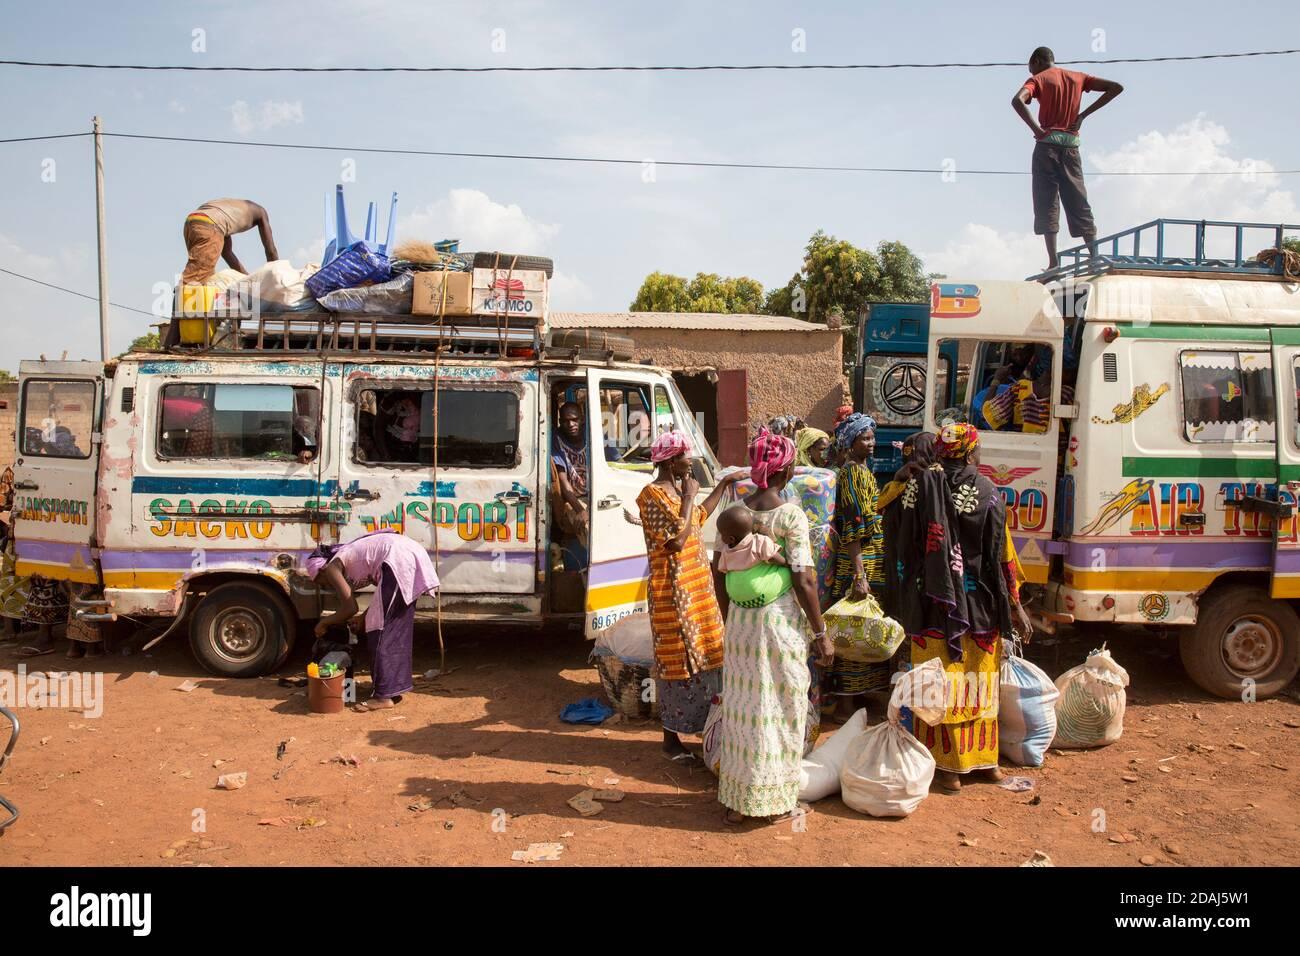 Selingue, Mali, le 25 avril 2015; les femmes attendent de charger leurs articles dans un autobus à la fin de la journée de marché. Banque D'Images